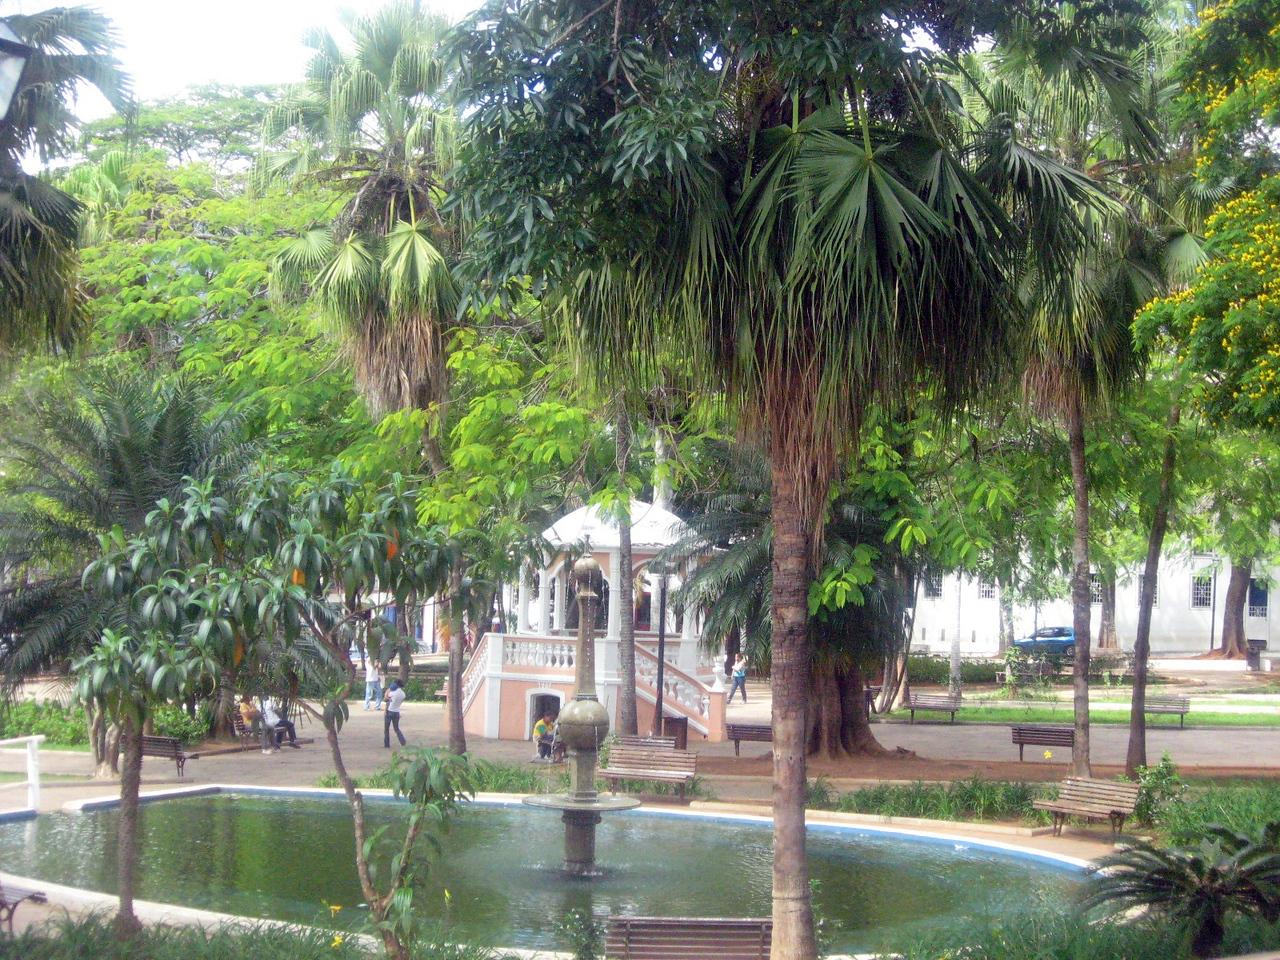 The town's garden square--Praca Gomes Freire.